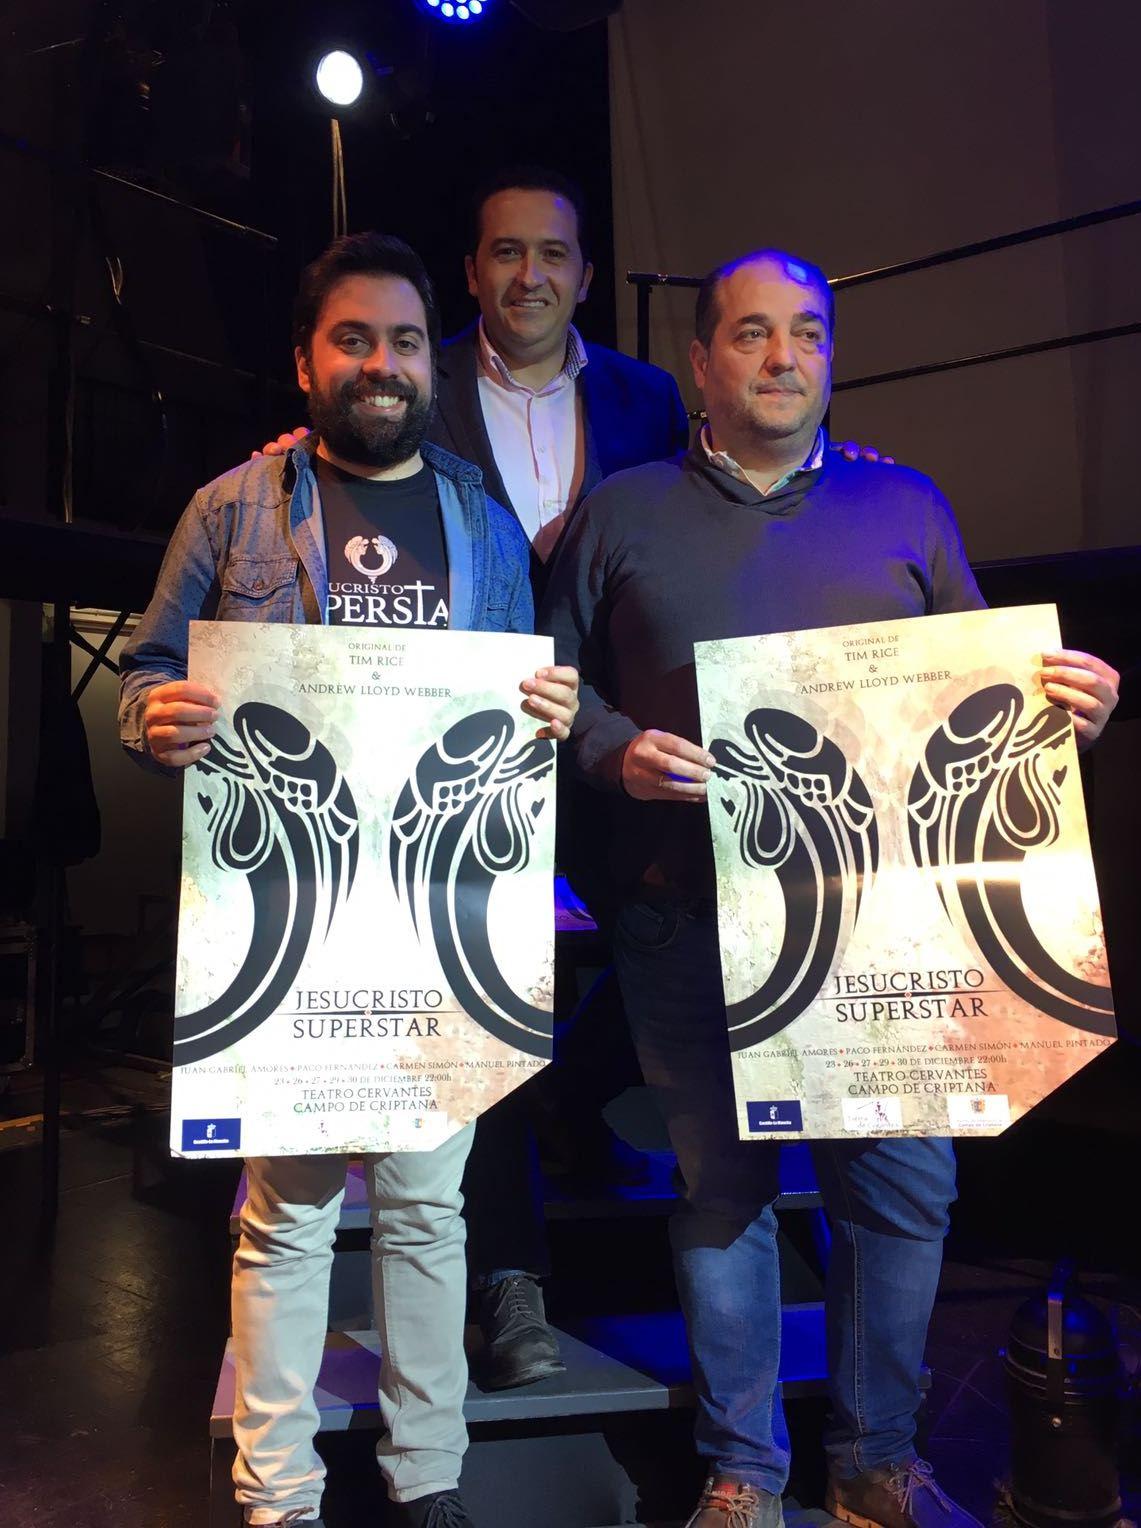 Más de 100 personas mostrarán su arte sobre las tablas del Teatro Cervantes de Campo de Criptana en el musical Jesucristo Superstar